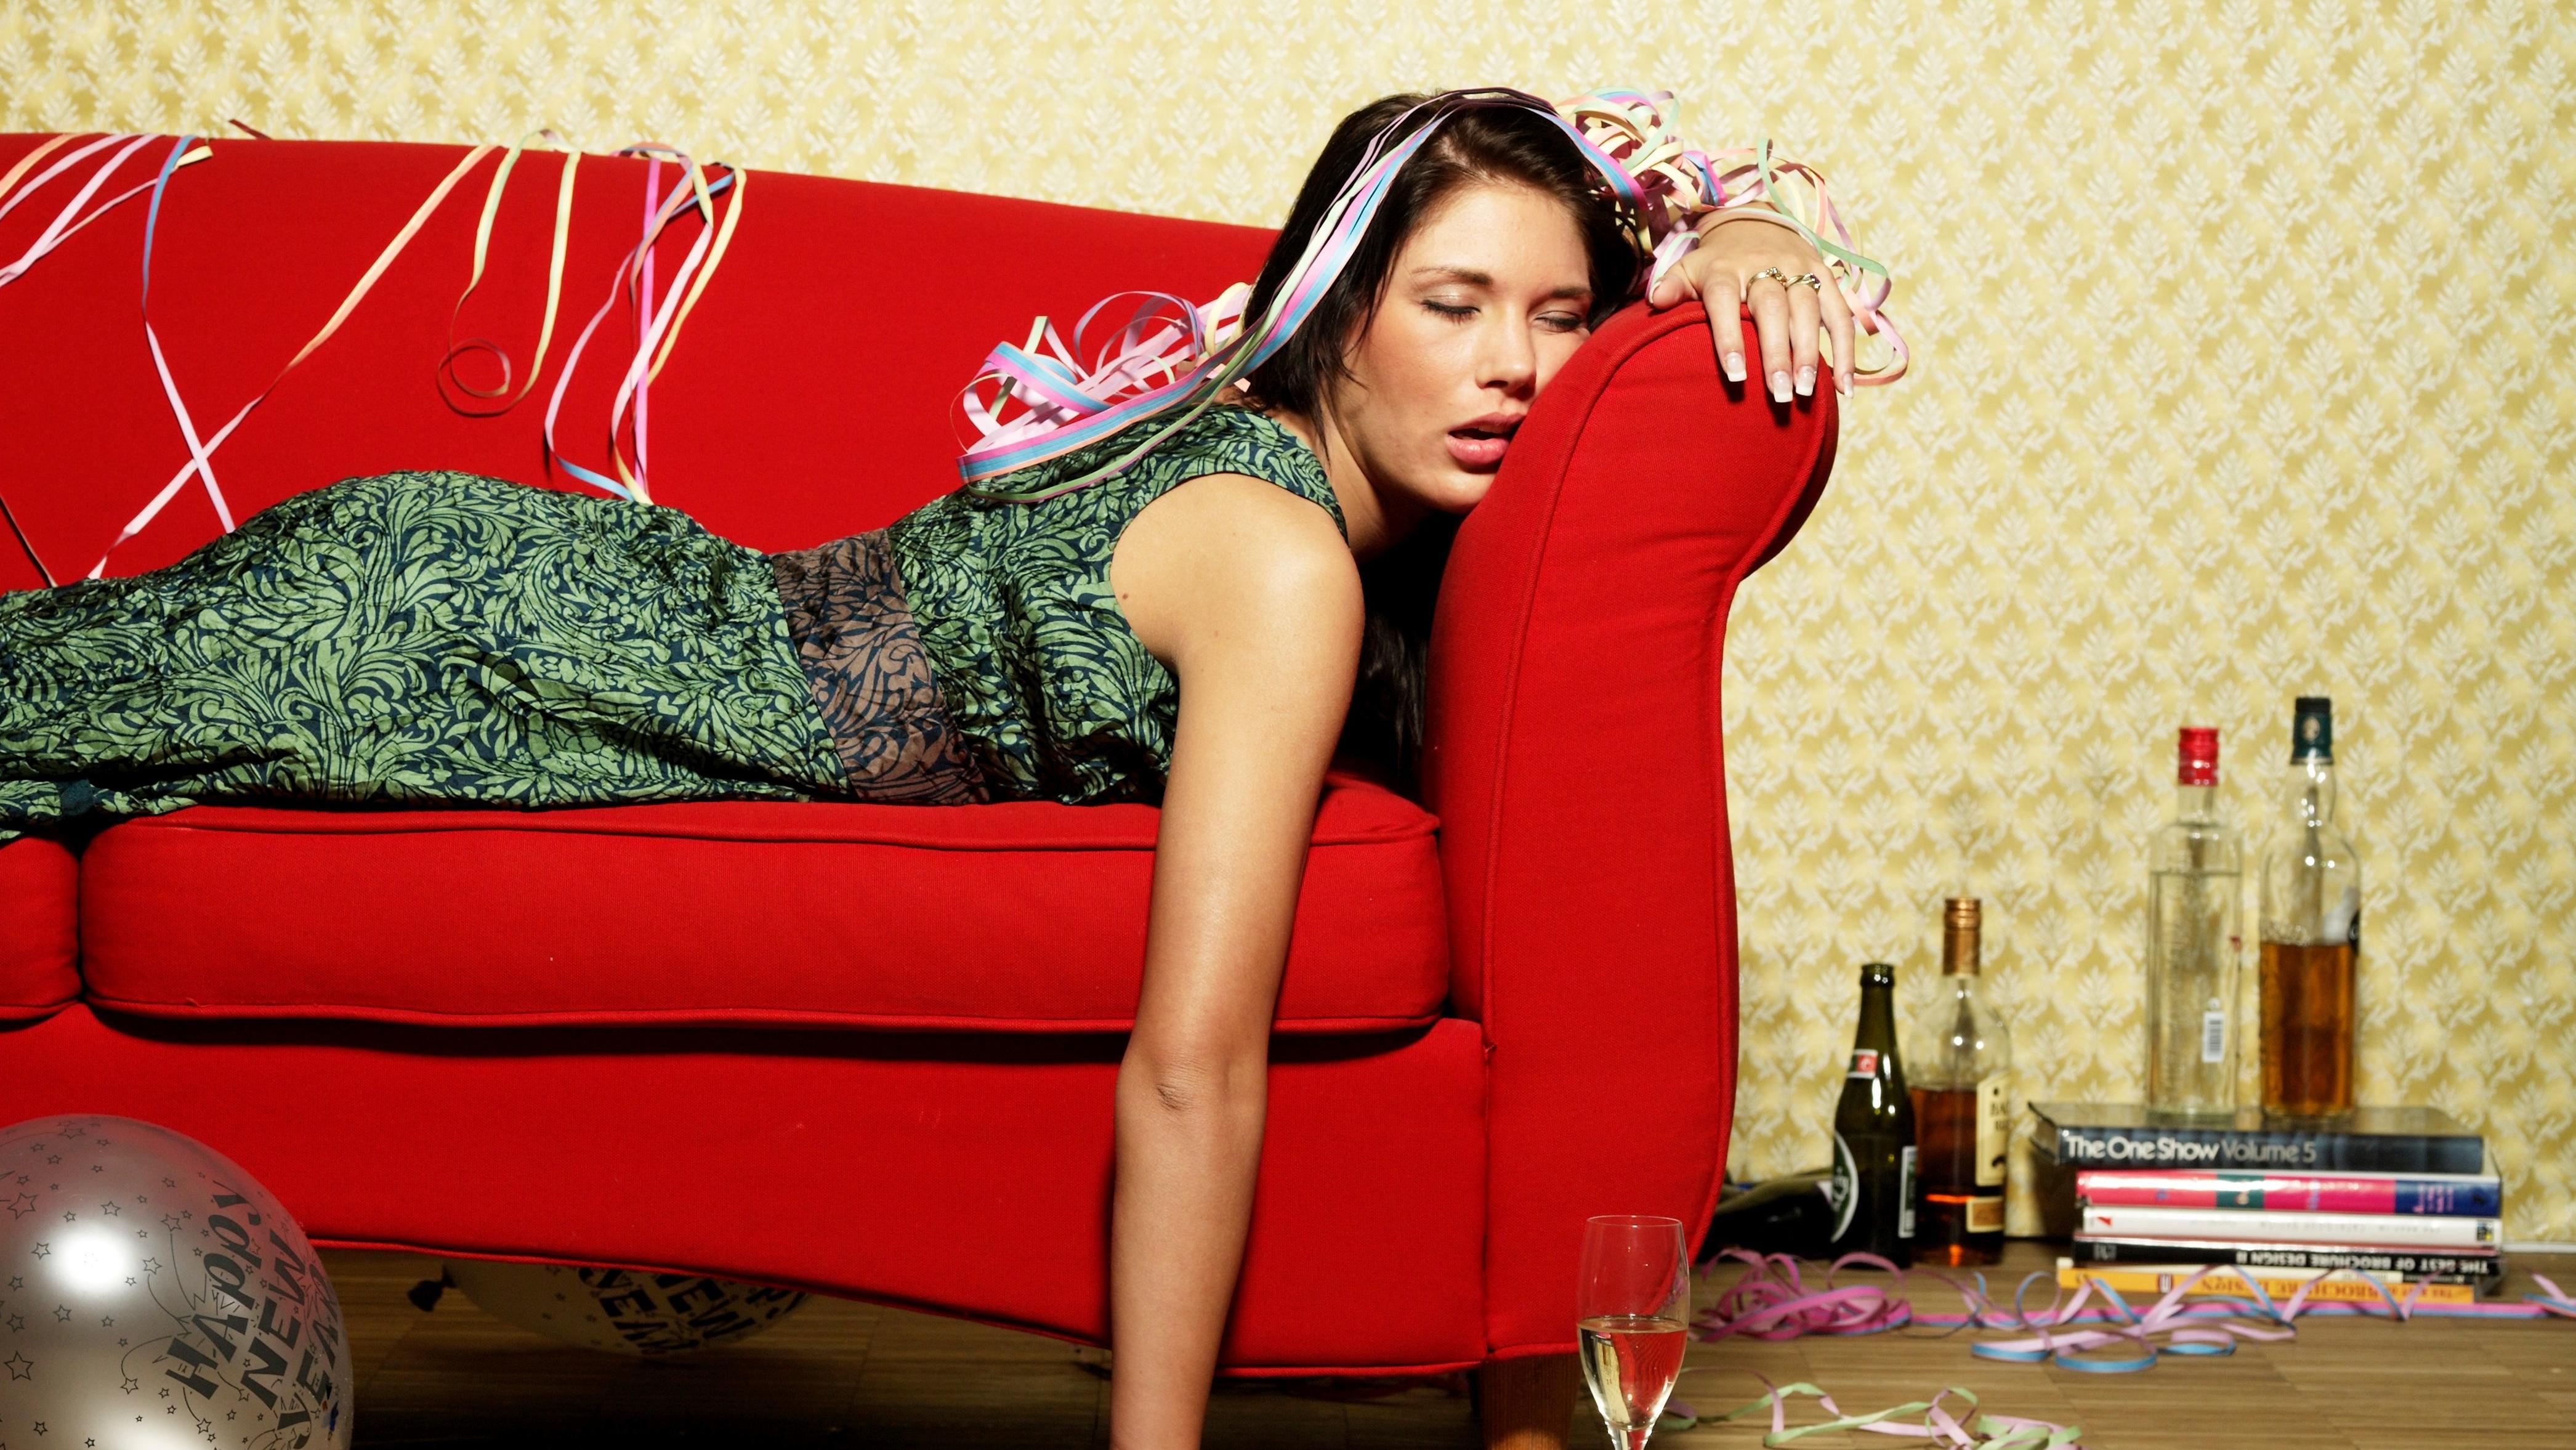 Frau liegt schlafend auf einem Sofa. Alkoholflaschen stehen daneben.